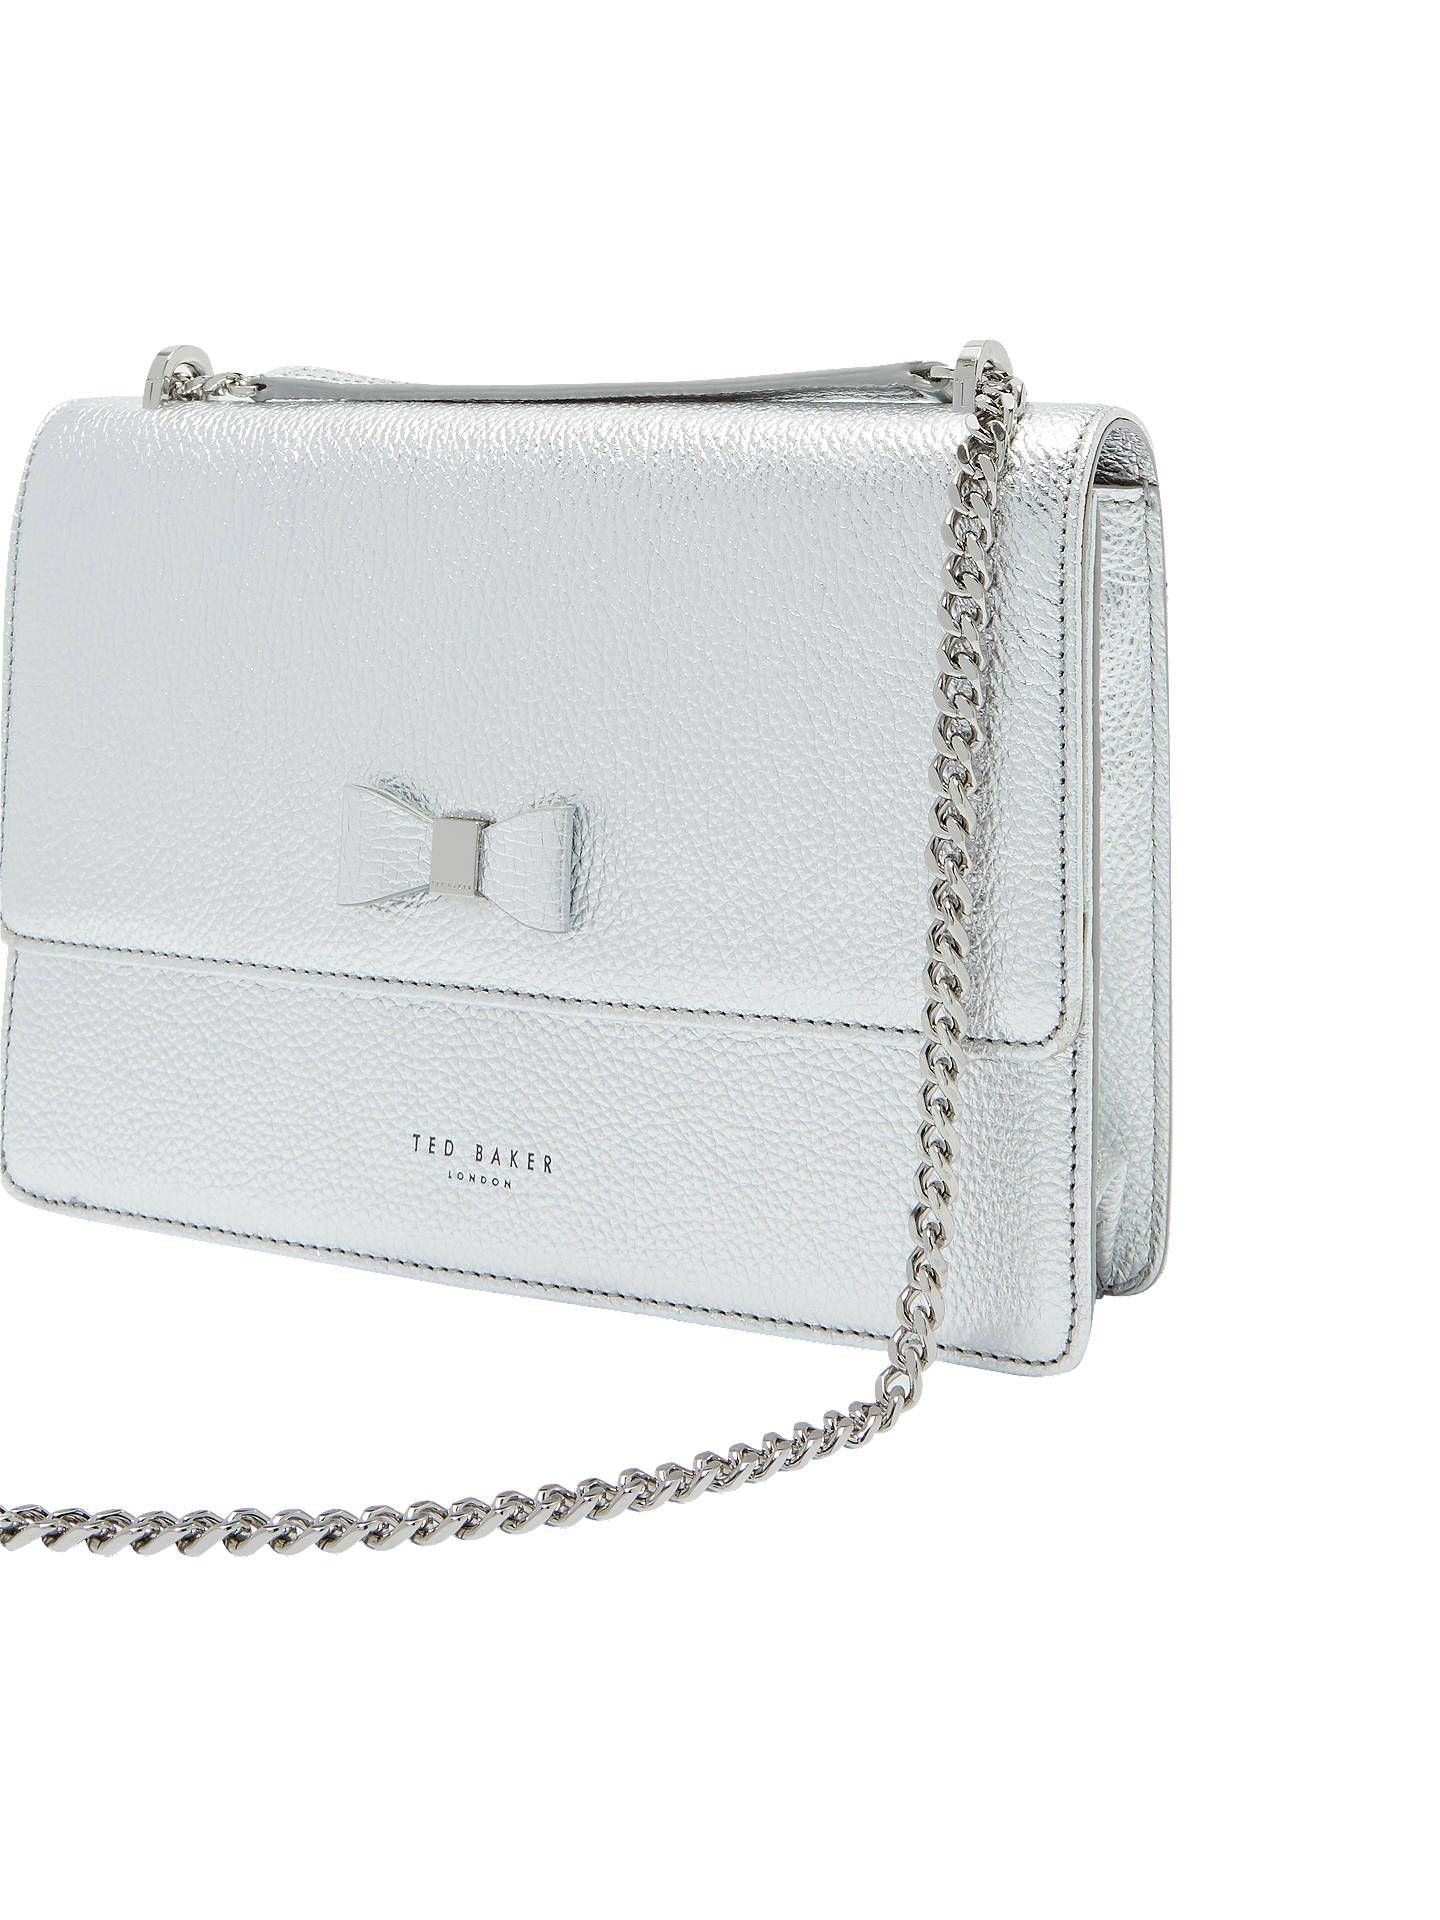 560d7fa68a7f9 BuyTed Baker Dorlea Bow Leather Cross Body Bag